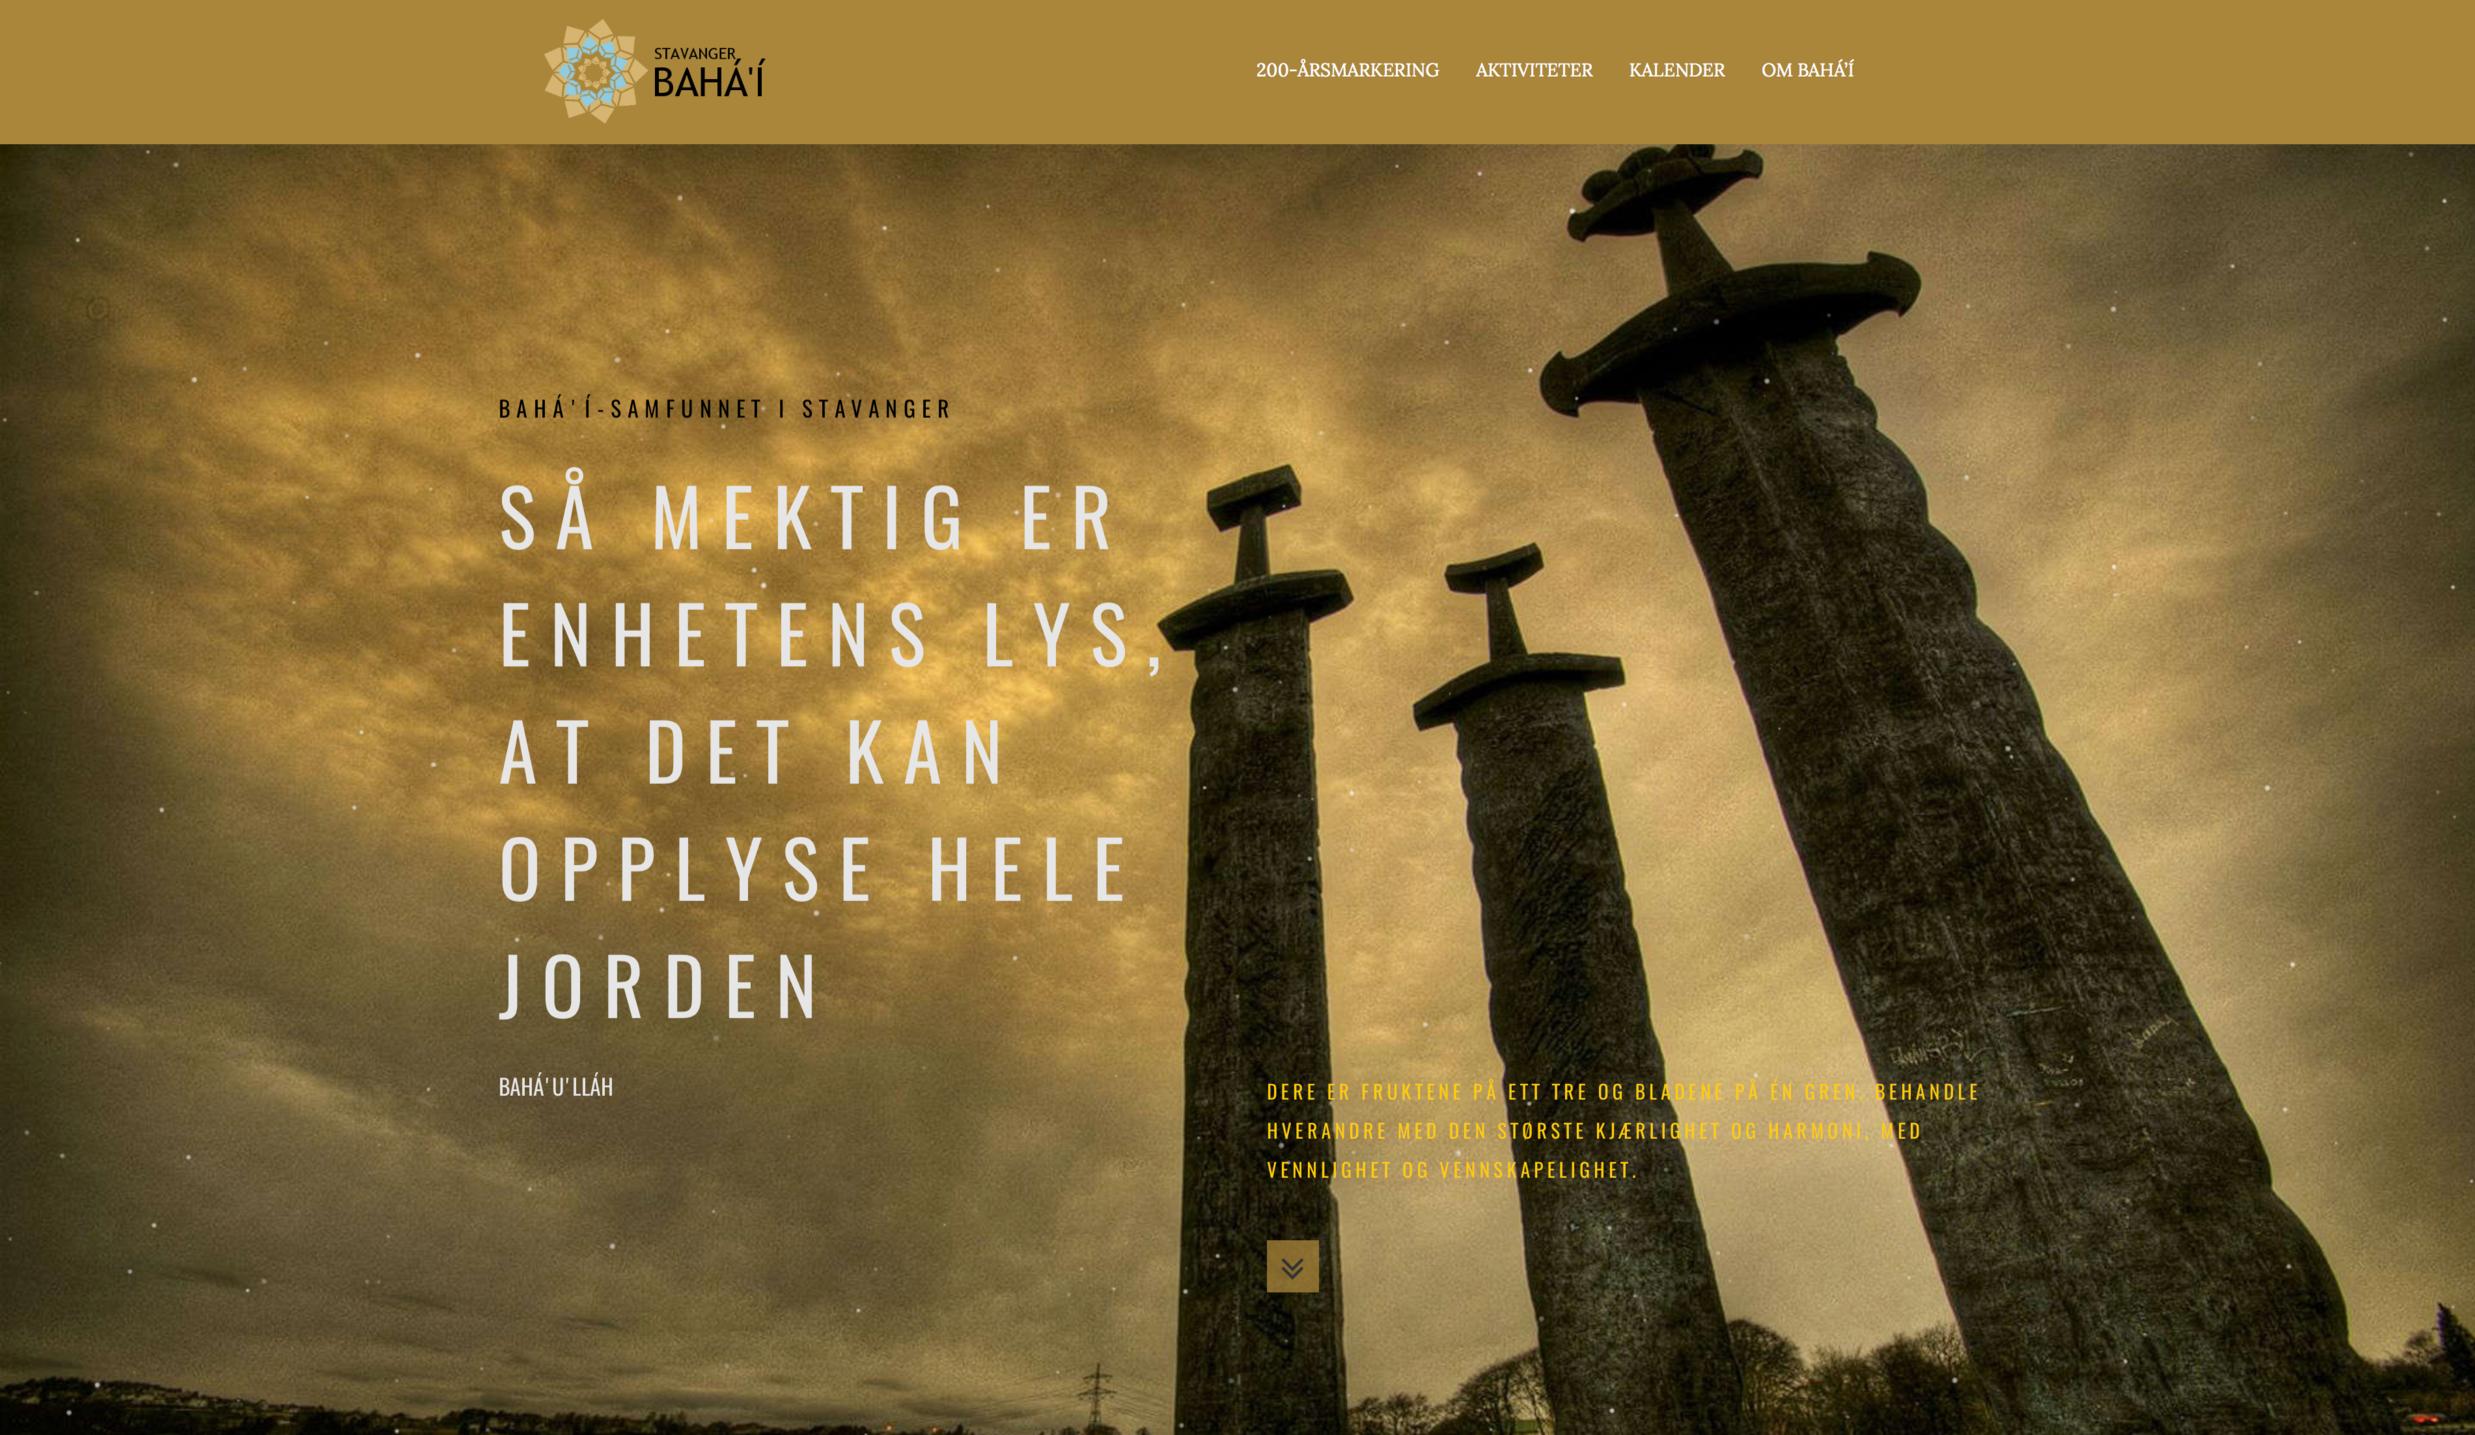 Bahá'í-samfunnet i Stavanger - Klikk her for å gå til deres lokale nettside.